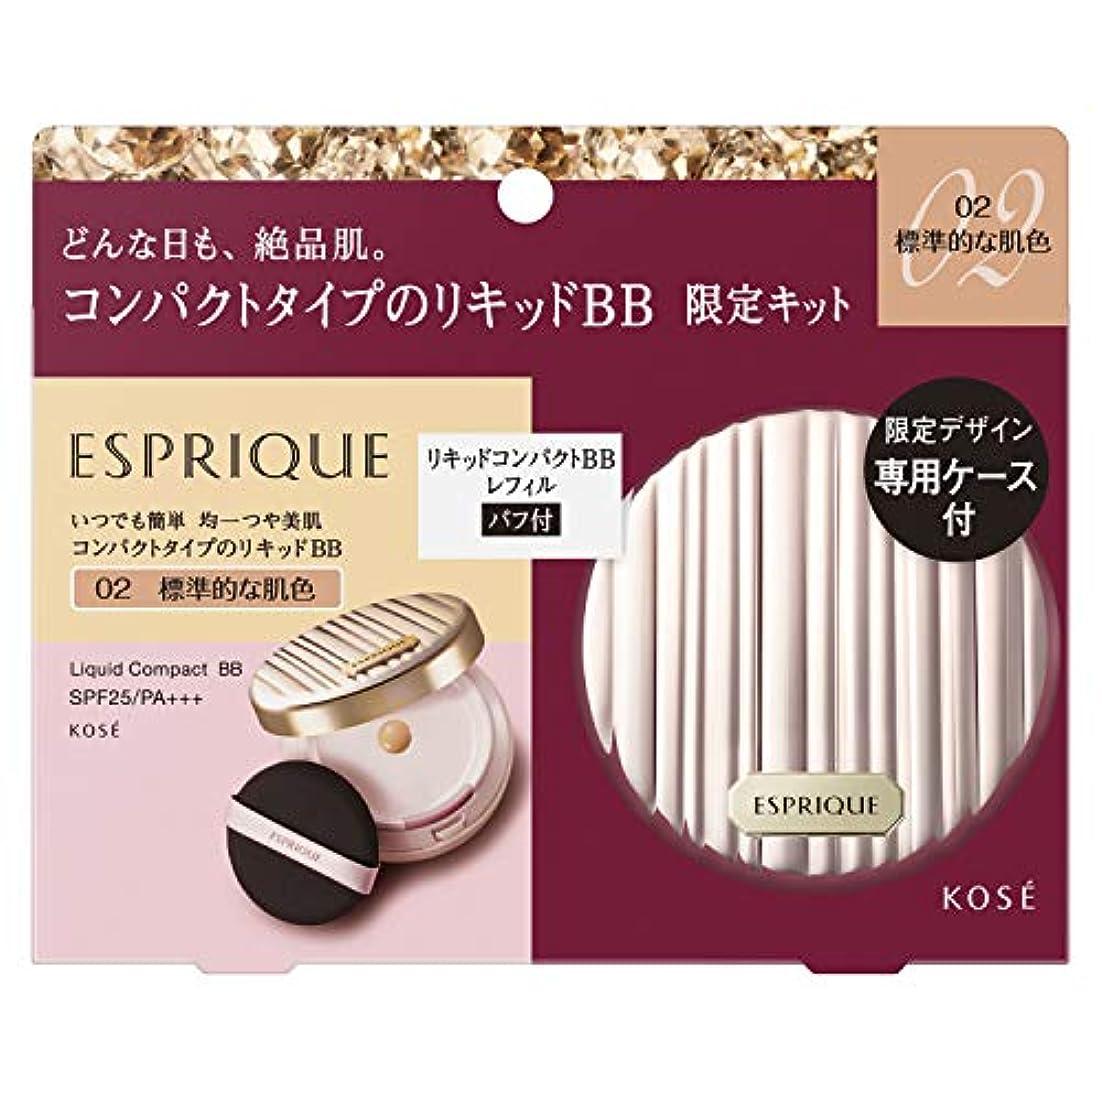 志す計算可能チェリーESPRIQUE(エスプリーク) エスプリーク リキッド コンパクト BB 限定キット 2 BBクリーム 02 標準的な肌色 セット 13g+ケース付き